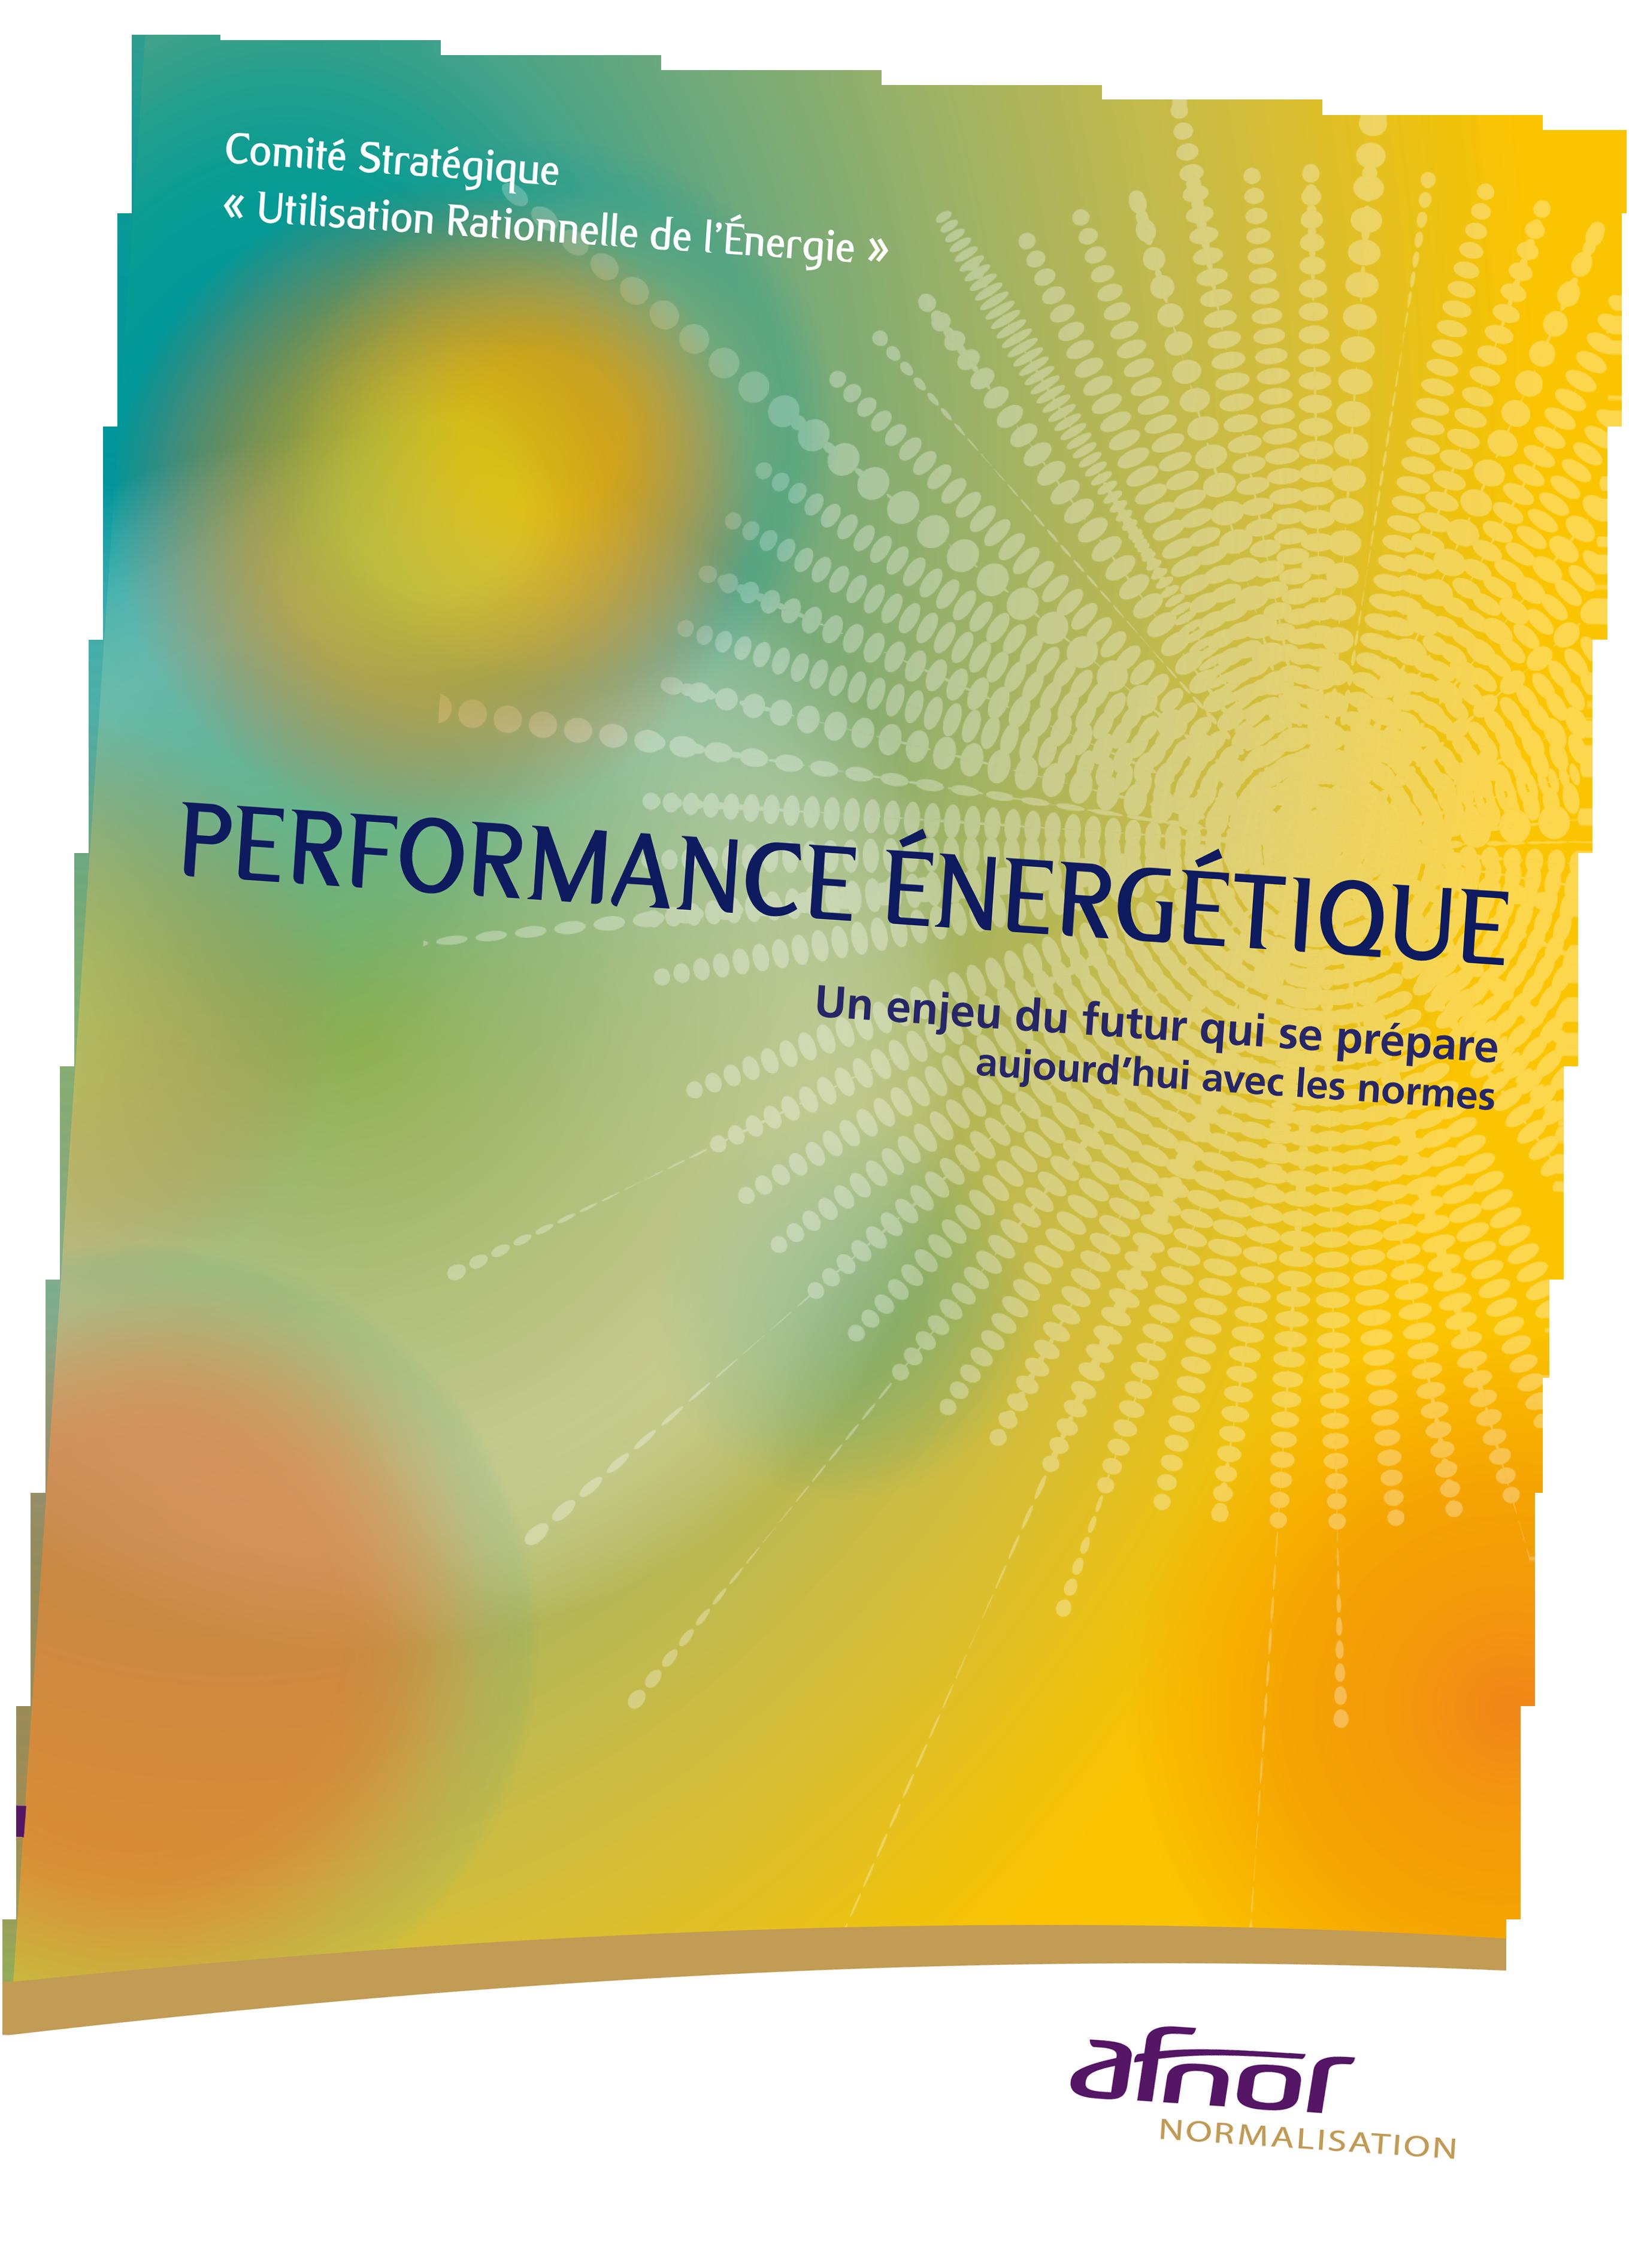 Plaquette-Performance-énergétique-03